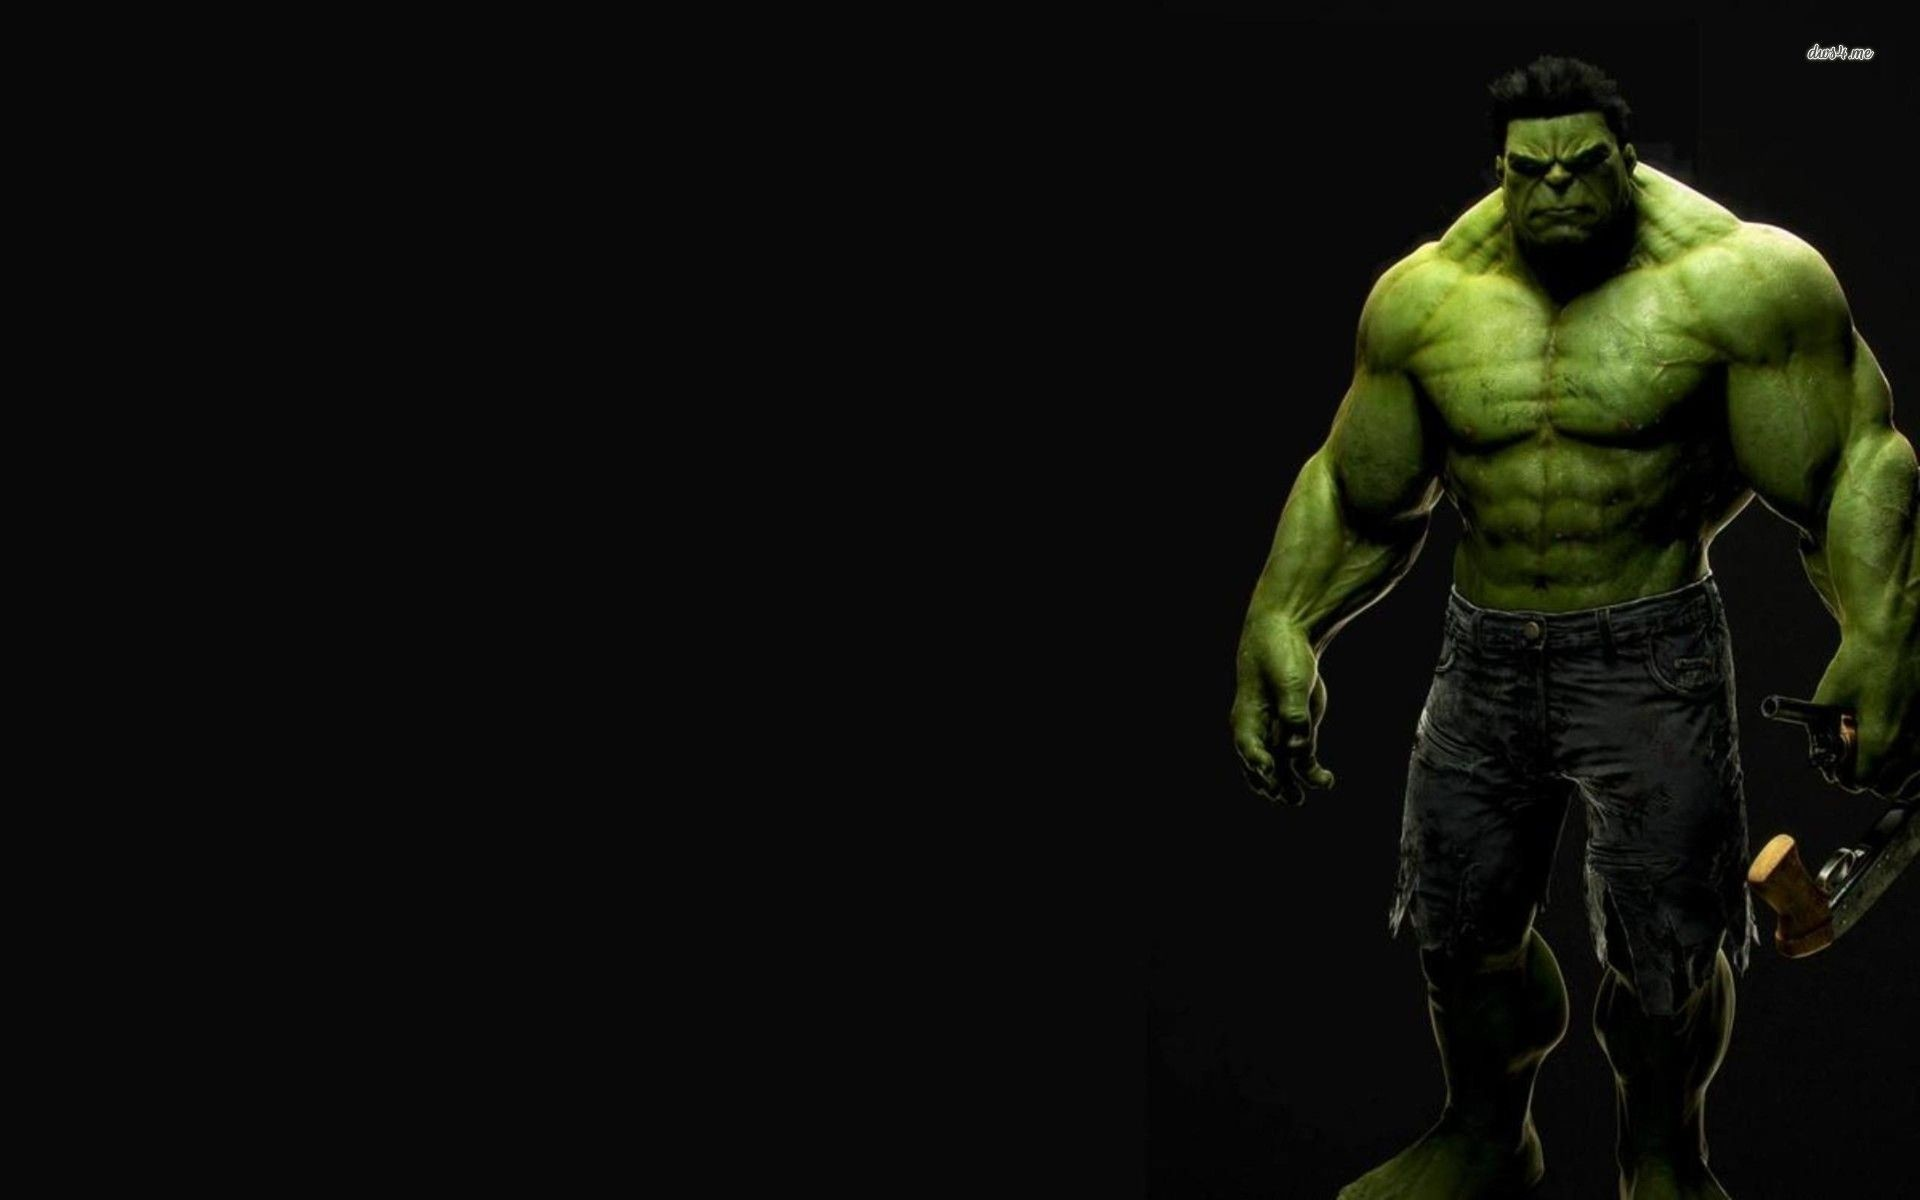 Best Wallpaper Ever The best Hulk wallpaper ever?? Hulk 1440×900 Wallpaper  Hulk